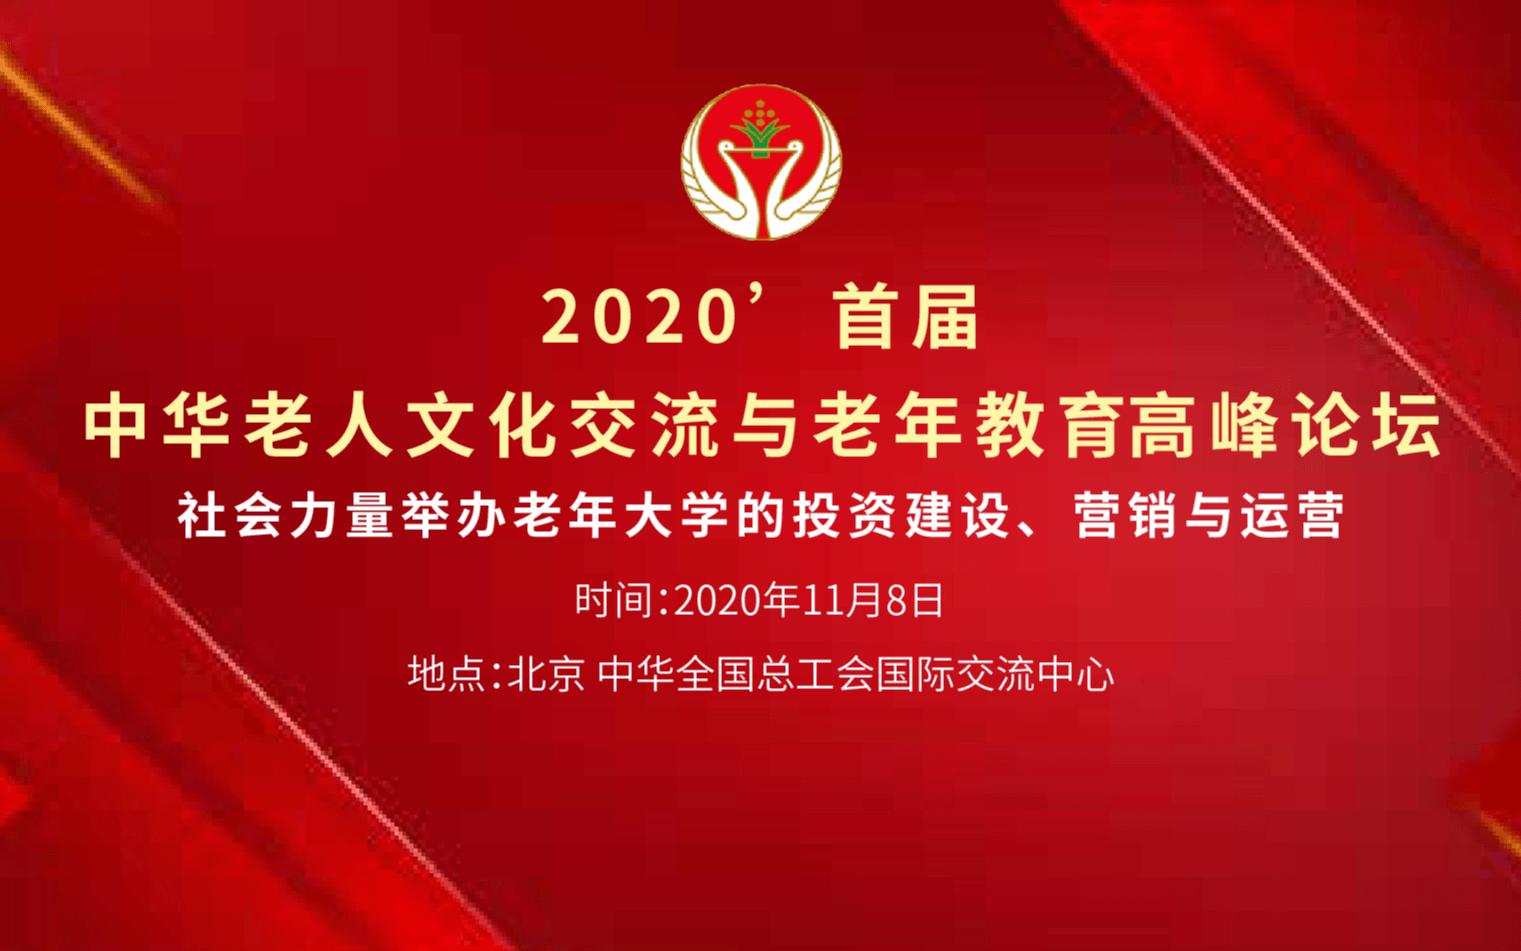 2020首届中华老人文化交流与老年教育高峰论坛